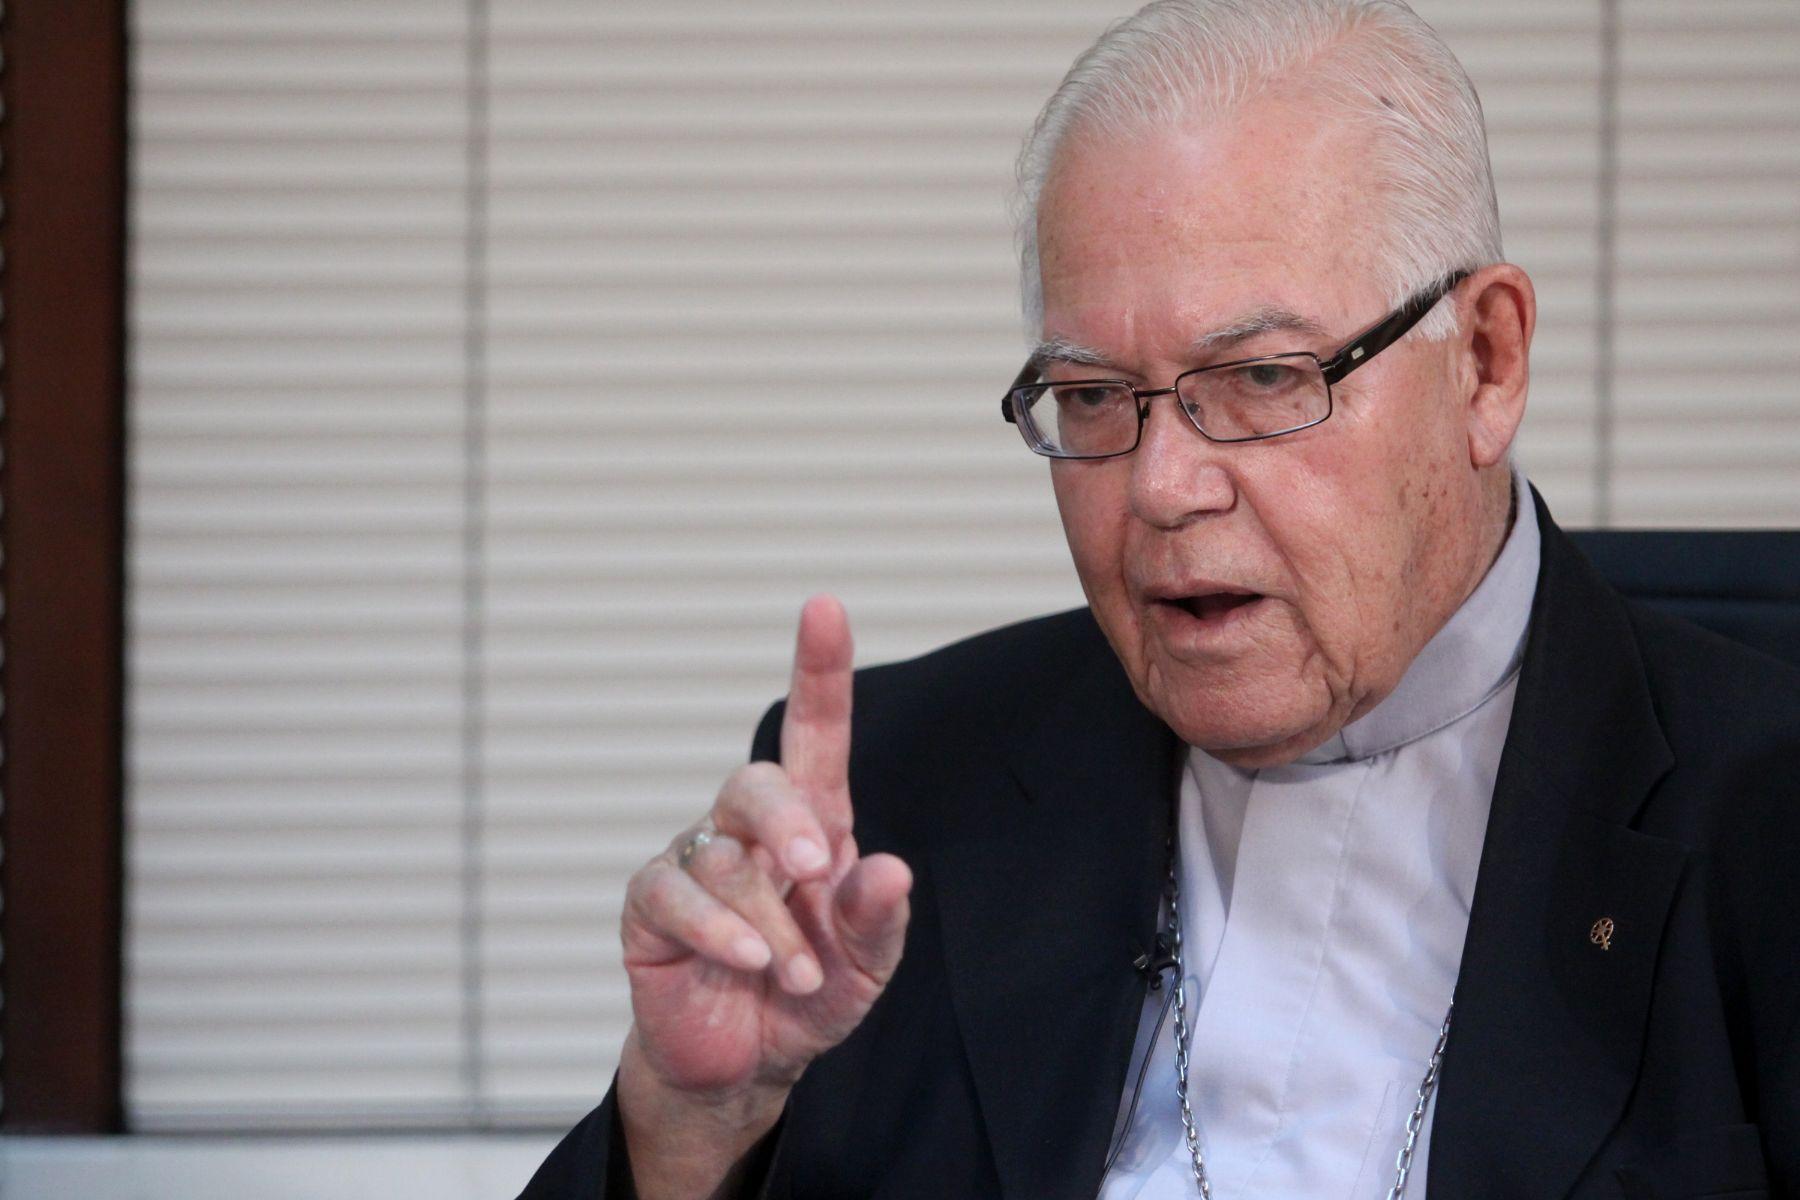 Hoy falleció monseñor Luis Bambarén a causa del COVID-19